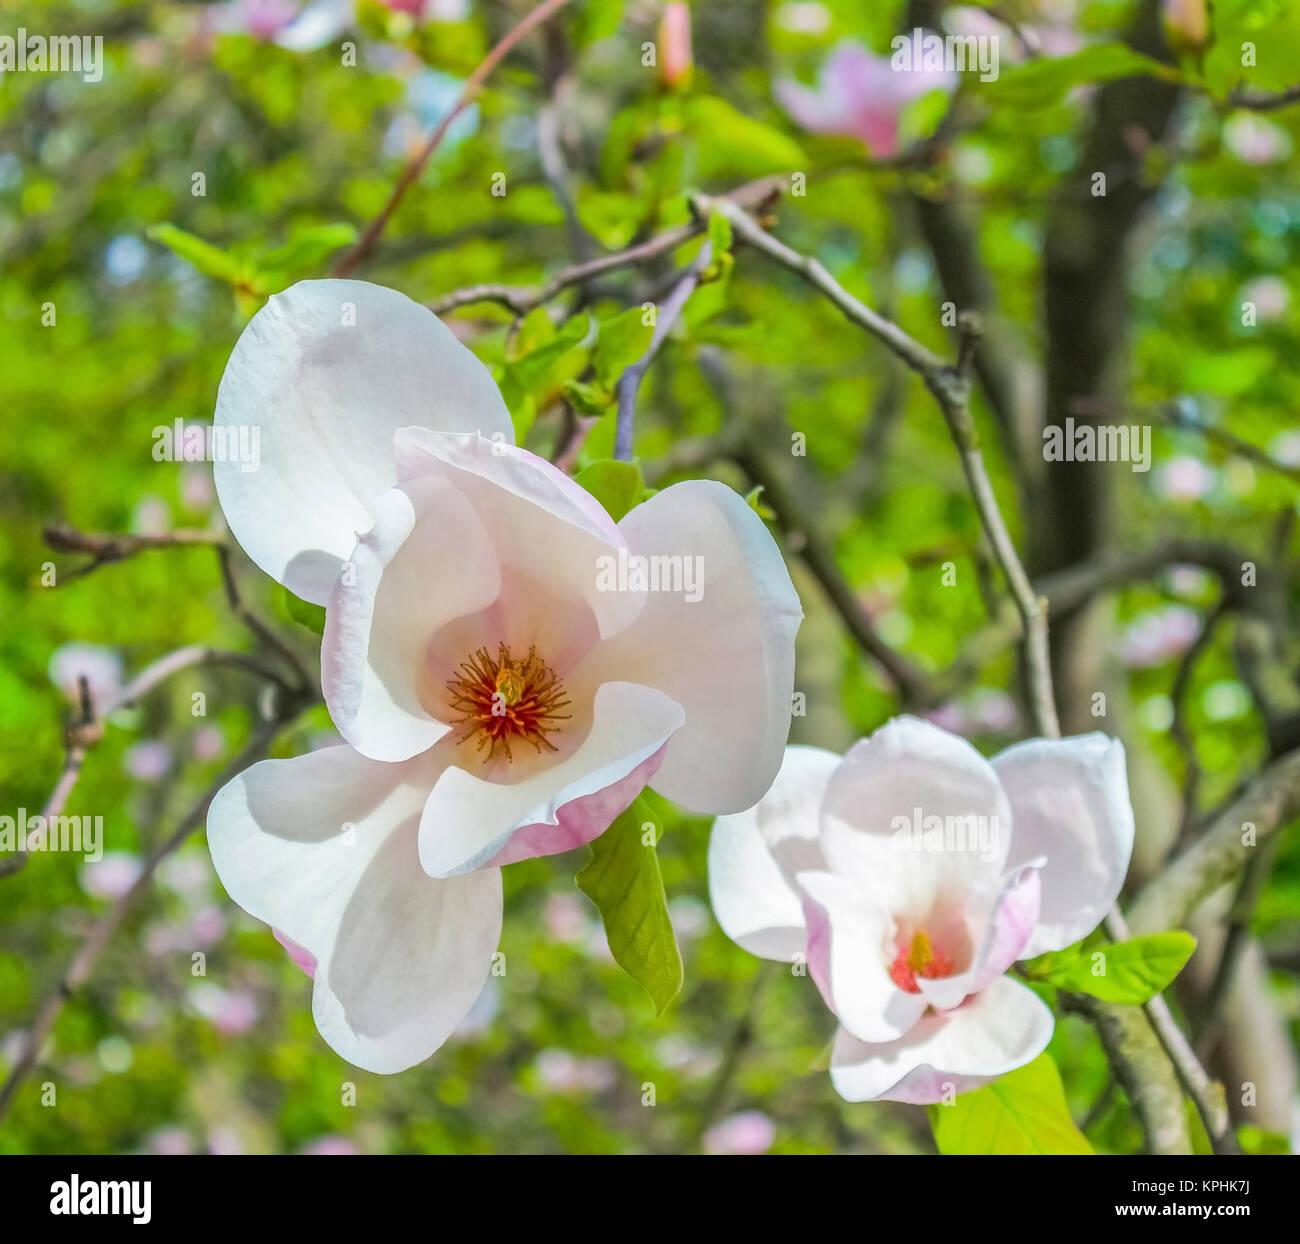 White Magnolia Flower Closeup Stock Photo 168804038 Alamy